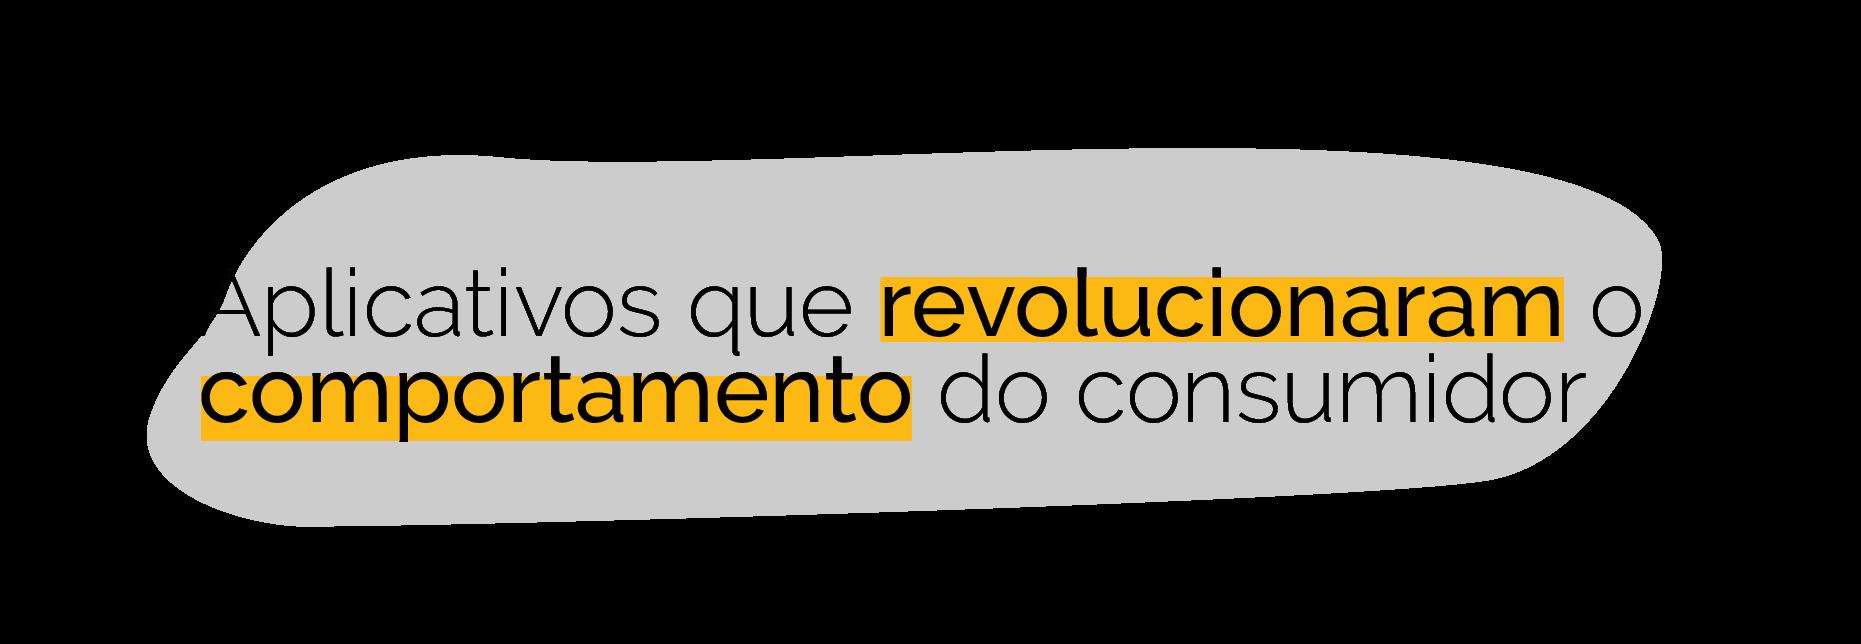 Desenvolver aplicativos inovadores não é simples! Avaliar a relevância, otimizar a visibilidade e conhecer o consumidor é essencial.